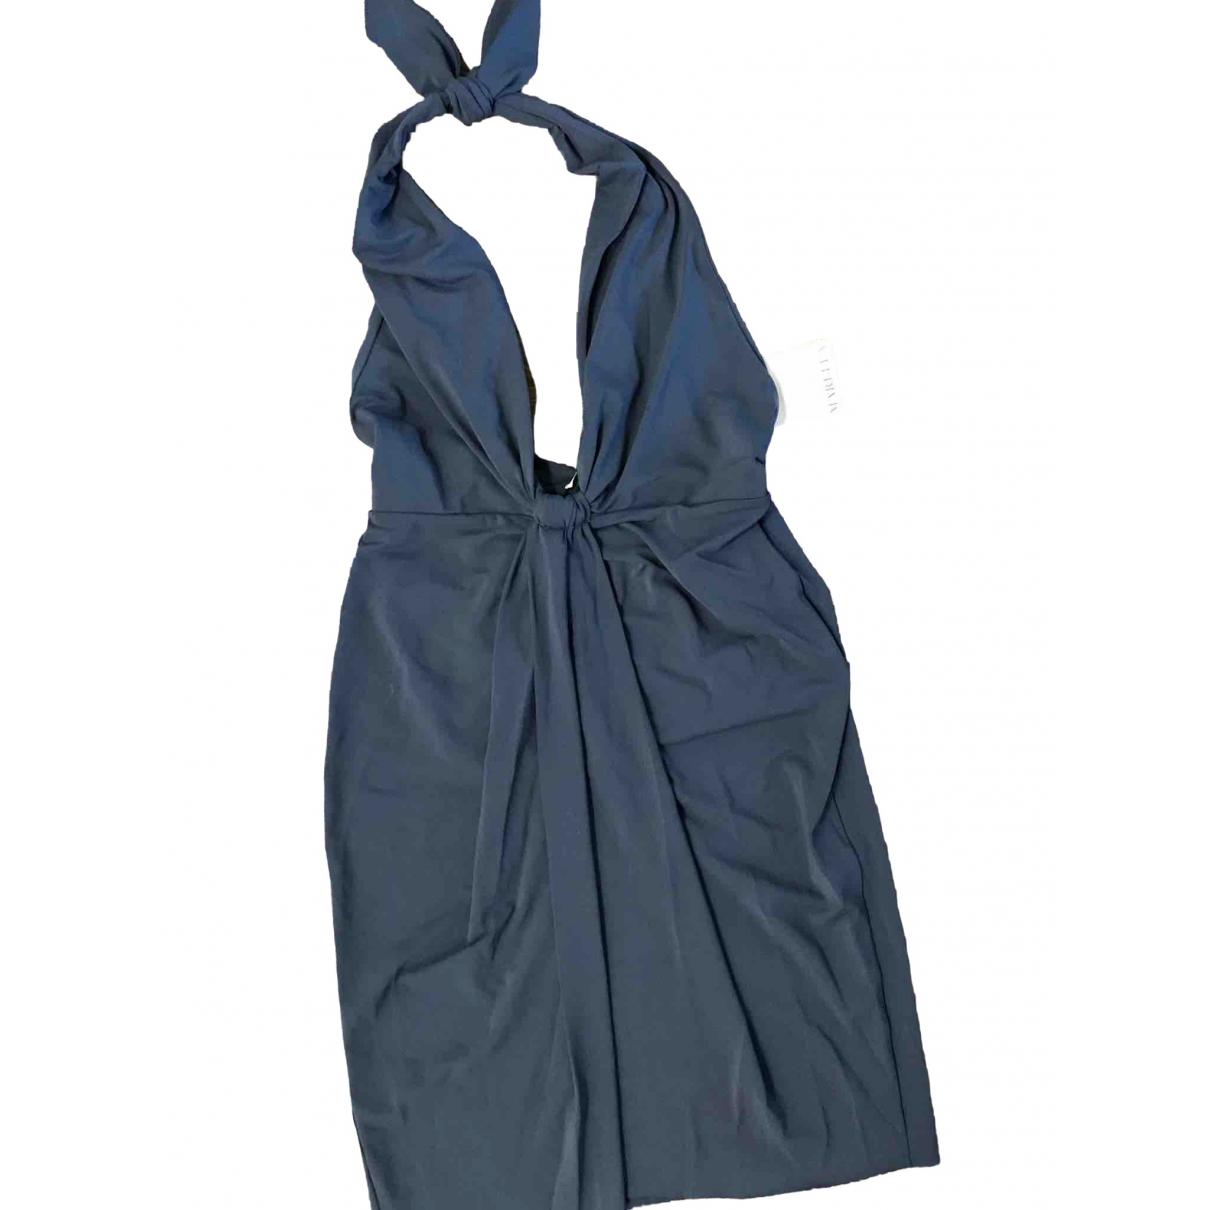 Marella \N Navy dress for Women 42 IT